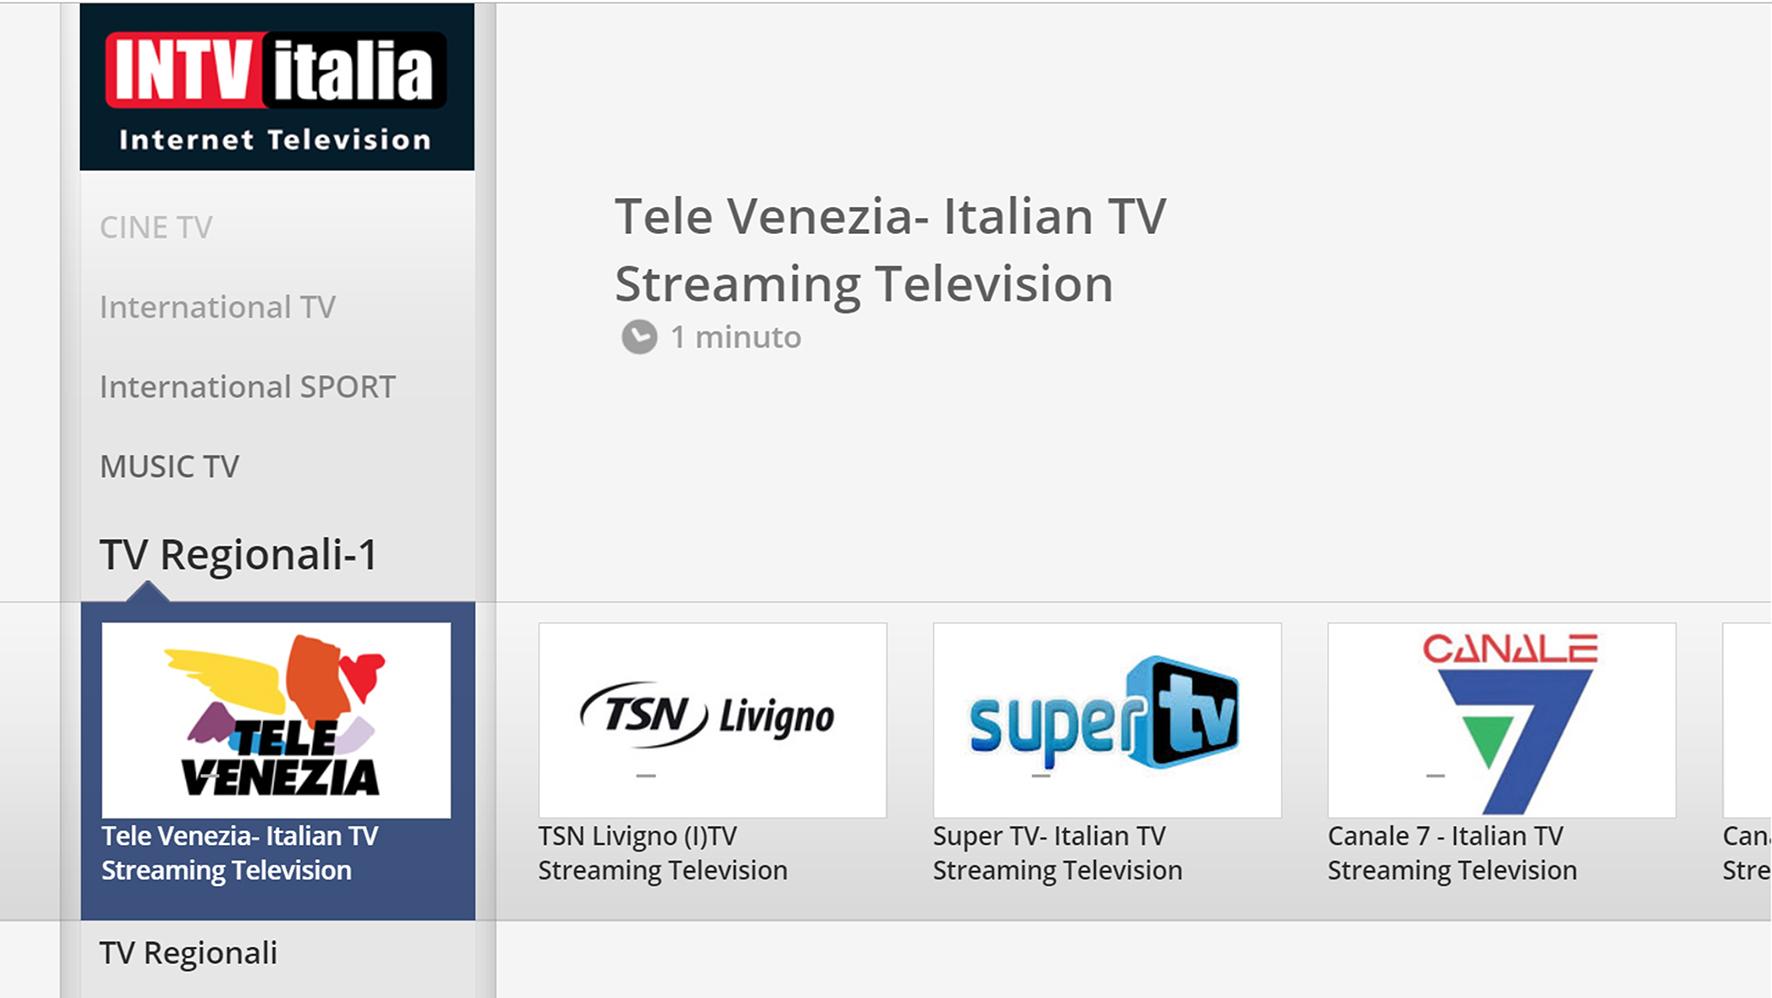 tv regionali INTV - Tv 4.0. INTV Italia: l'aggregatore di tv italiane presente su 250 mln di smart tv in 130 paesi al mondo. Ecco come farne parte